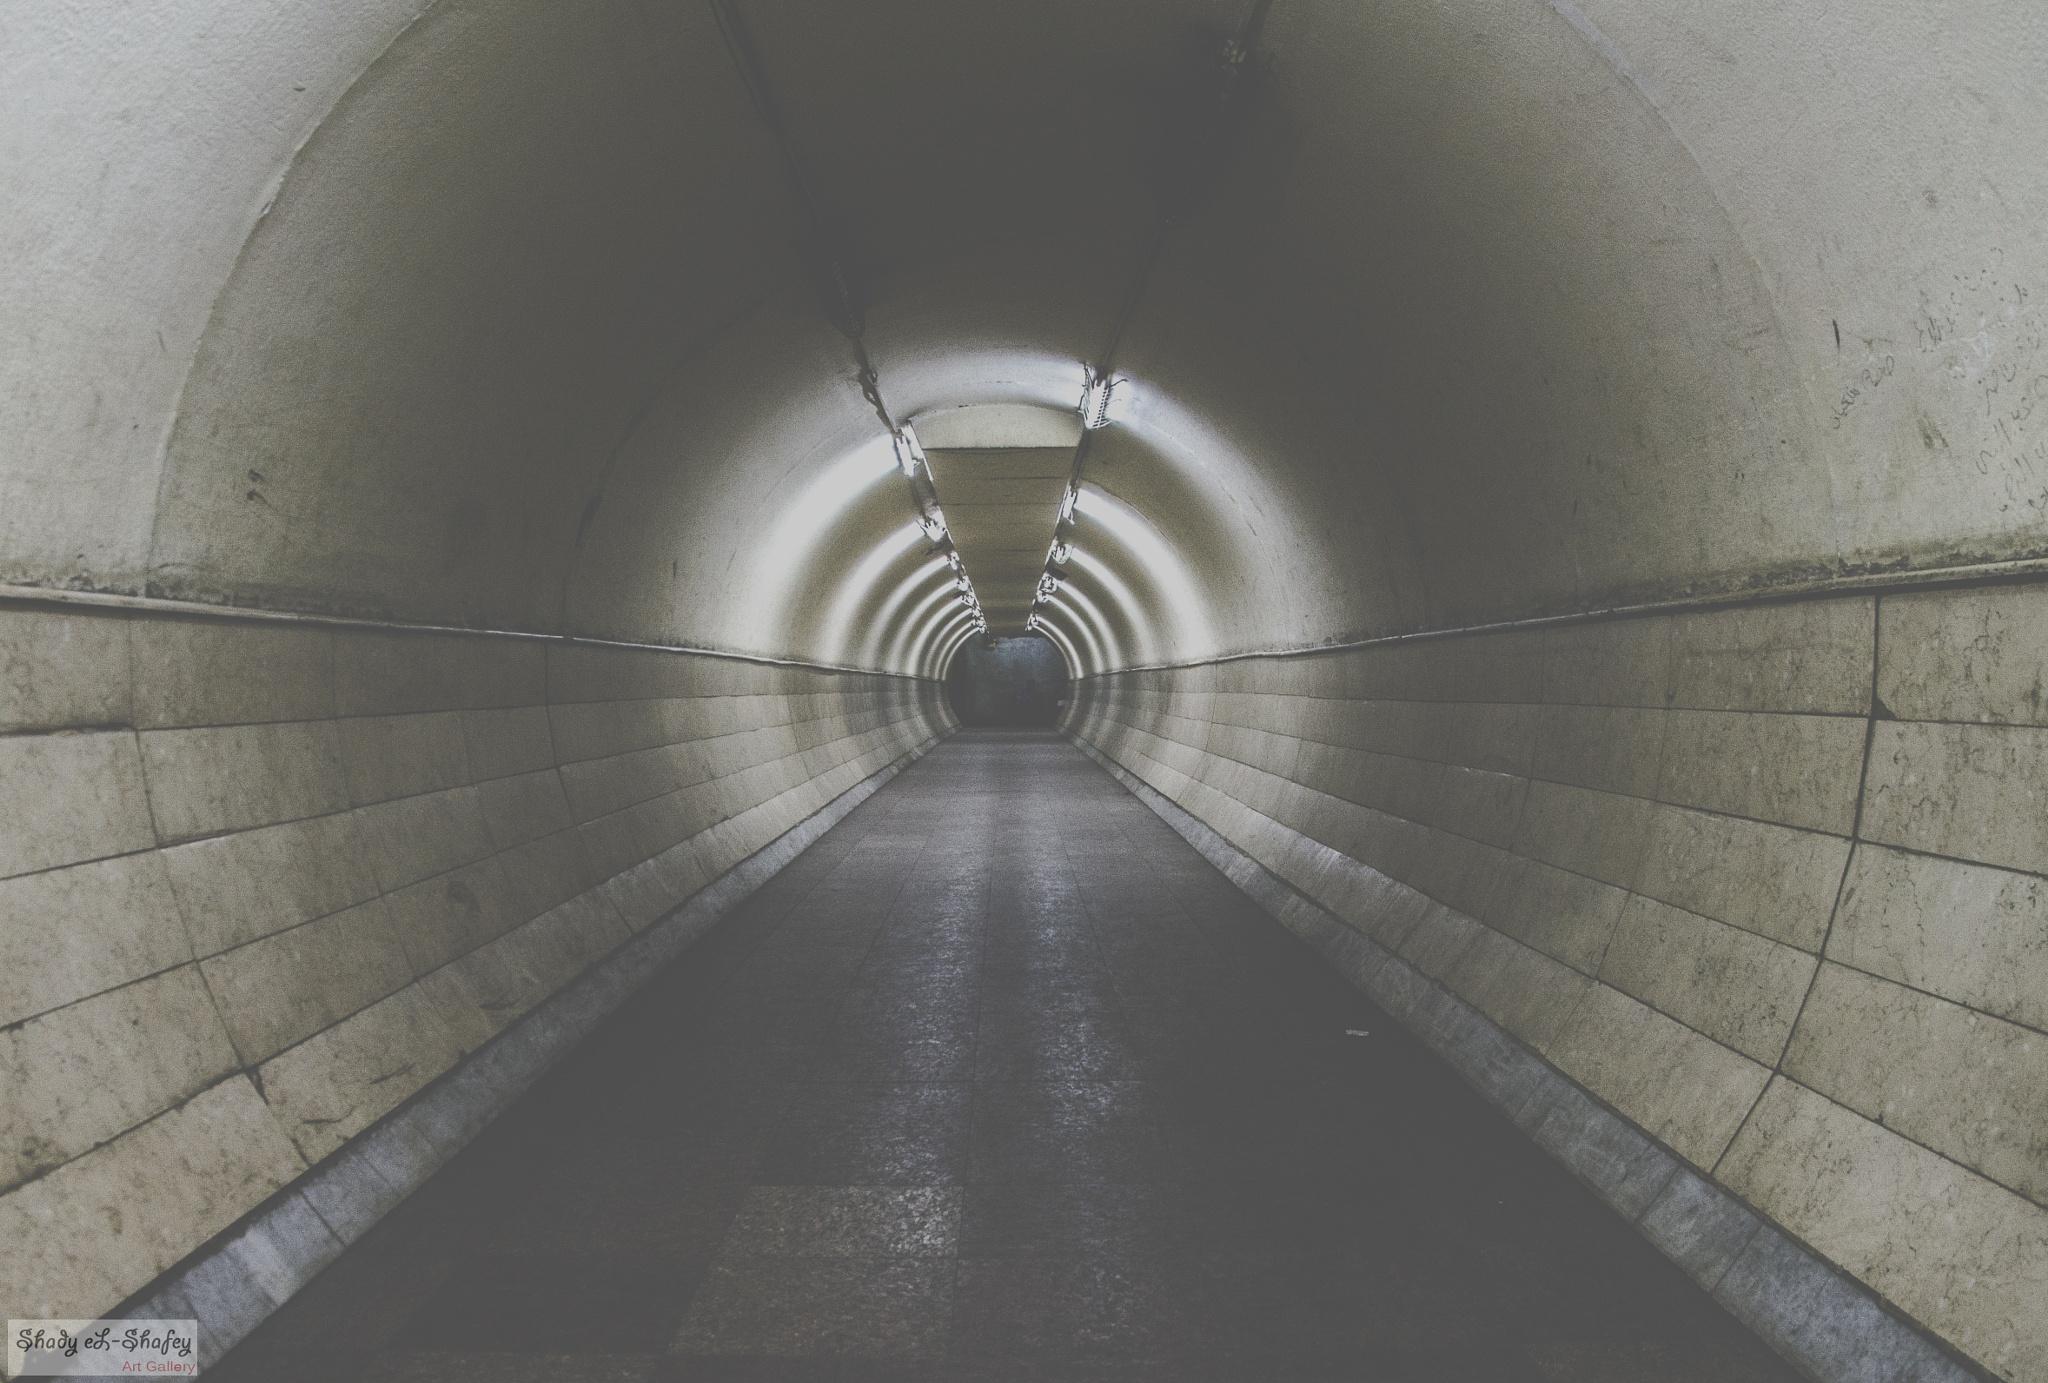 Horror tunnel by Shady EL-Shafey